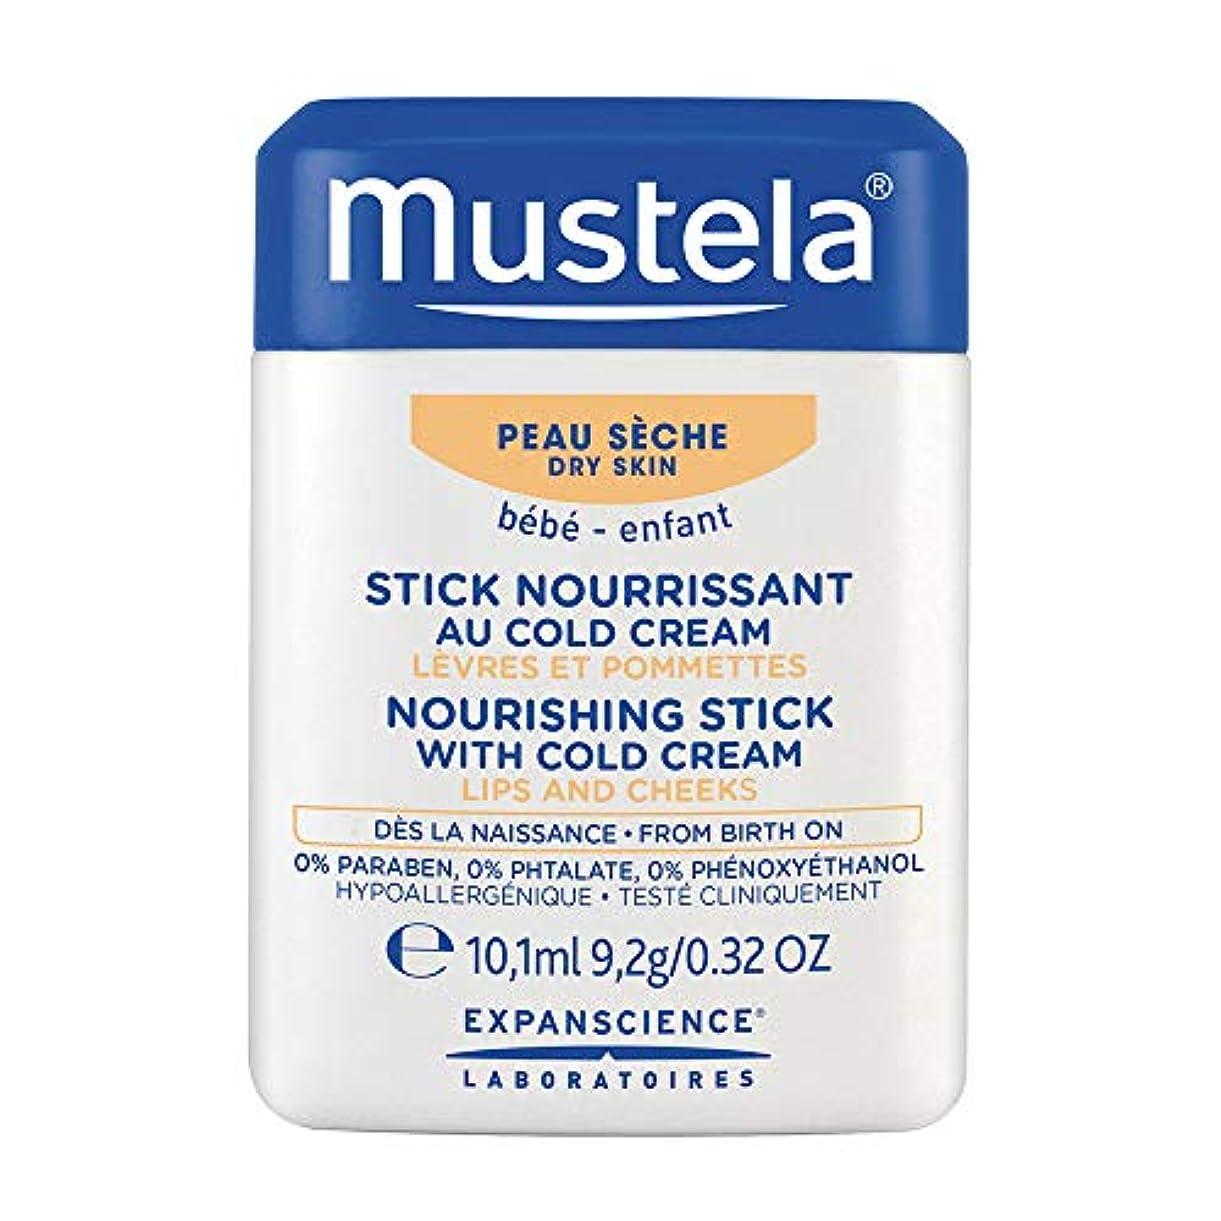 オーディション休憩爬虫類ムステラ Nourishing Stick With Cold Cream (Lips & Cheeks) - For Dry Skin 9.2g/0.32oz並行輸入品